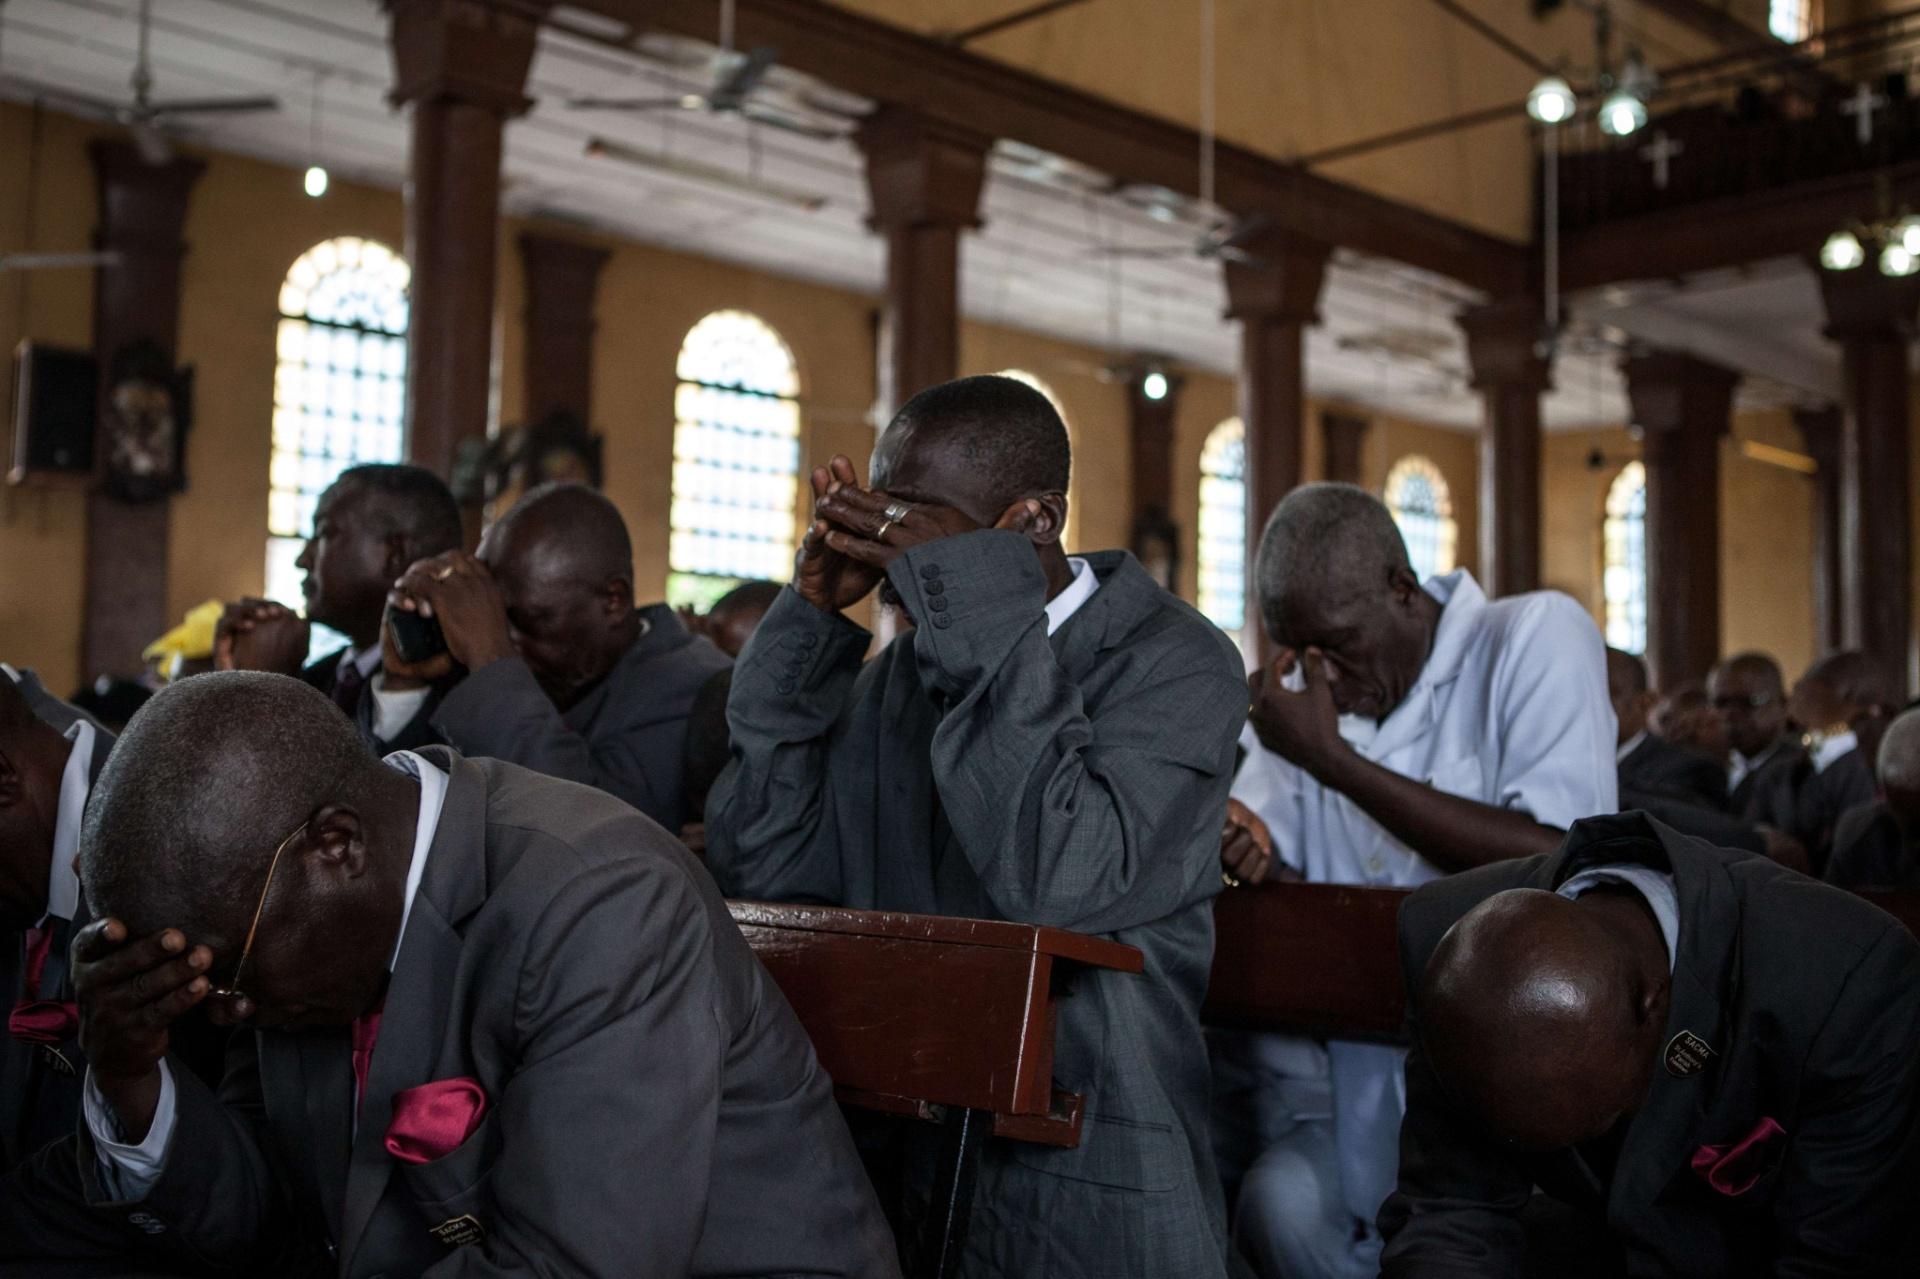 6.out.2014 - Pessoas rezam pelas vítimas do ebola em uma igreja de Freetown,na  capital de Serra Leoa, nesta segunda-feira (6). Segundo dados da OMS (Organização Mundial de Saúde), a epidemia do vírus já infectou mais de 6.200 vítimas no oeste africano, matando quase metade delas